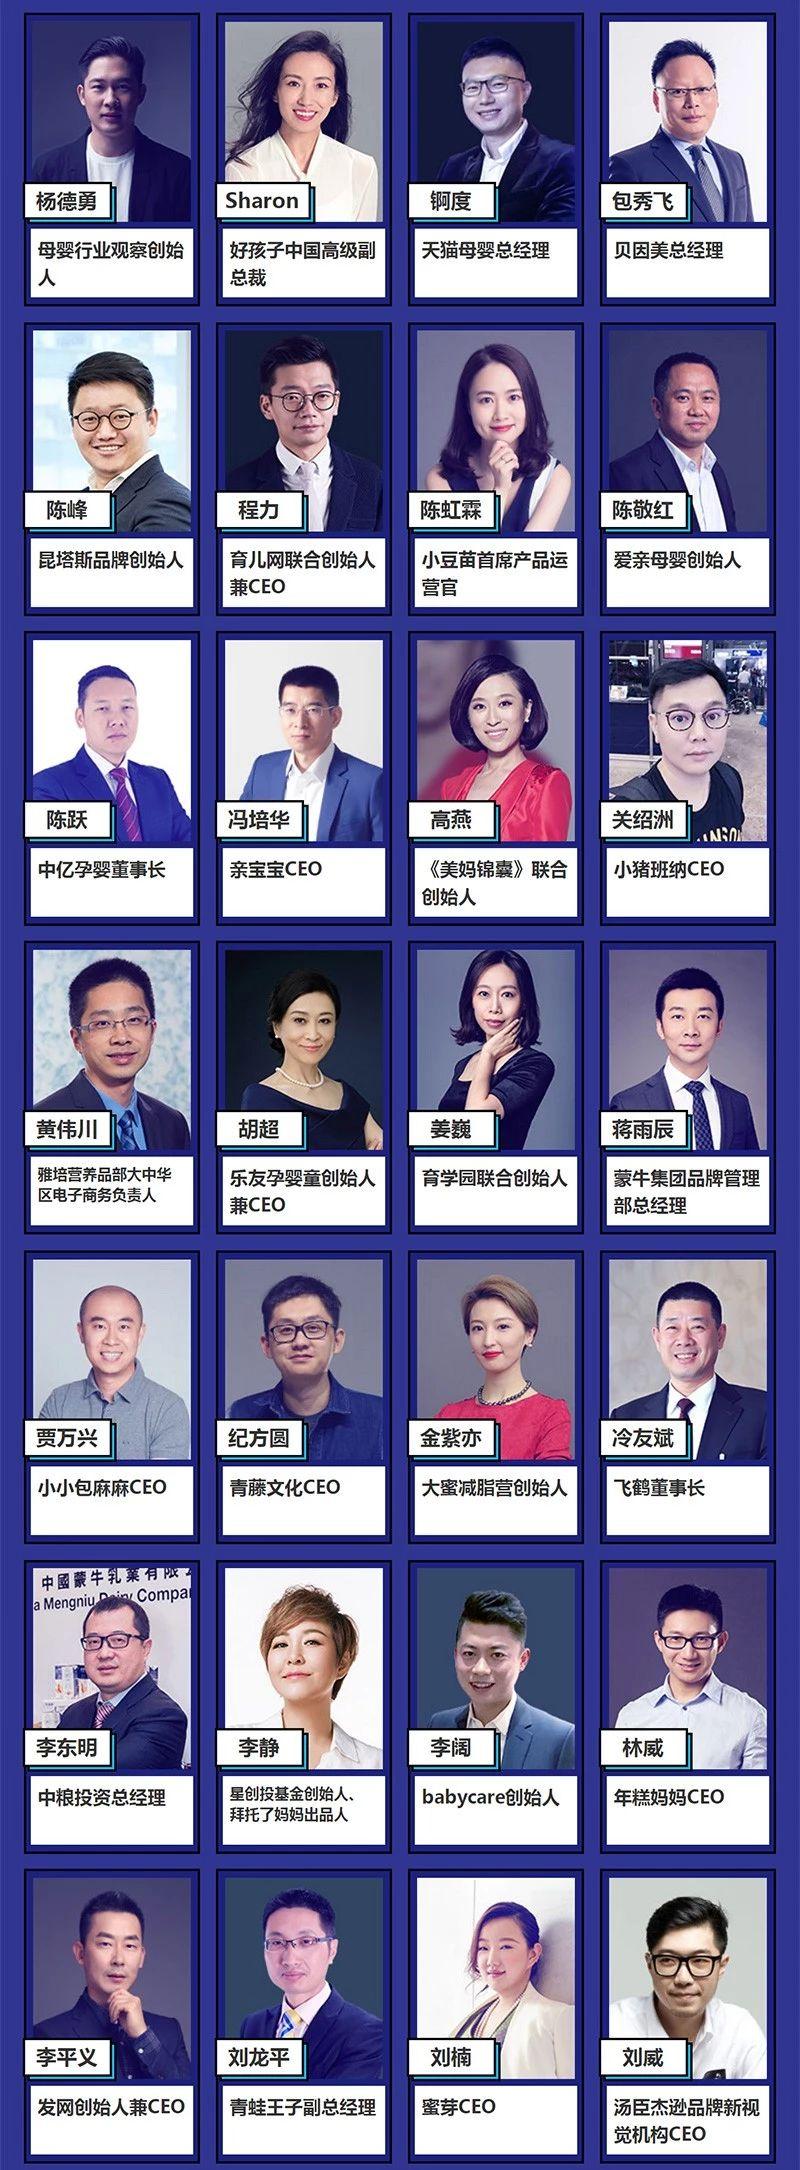 2018中国母婴企业家领袖峰会暨樱桃大赏颁奖盛典